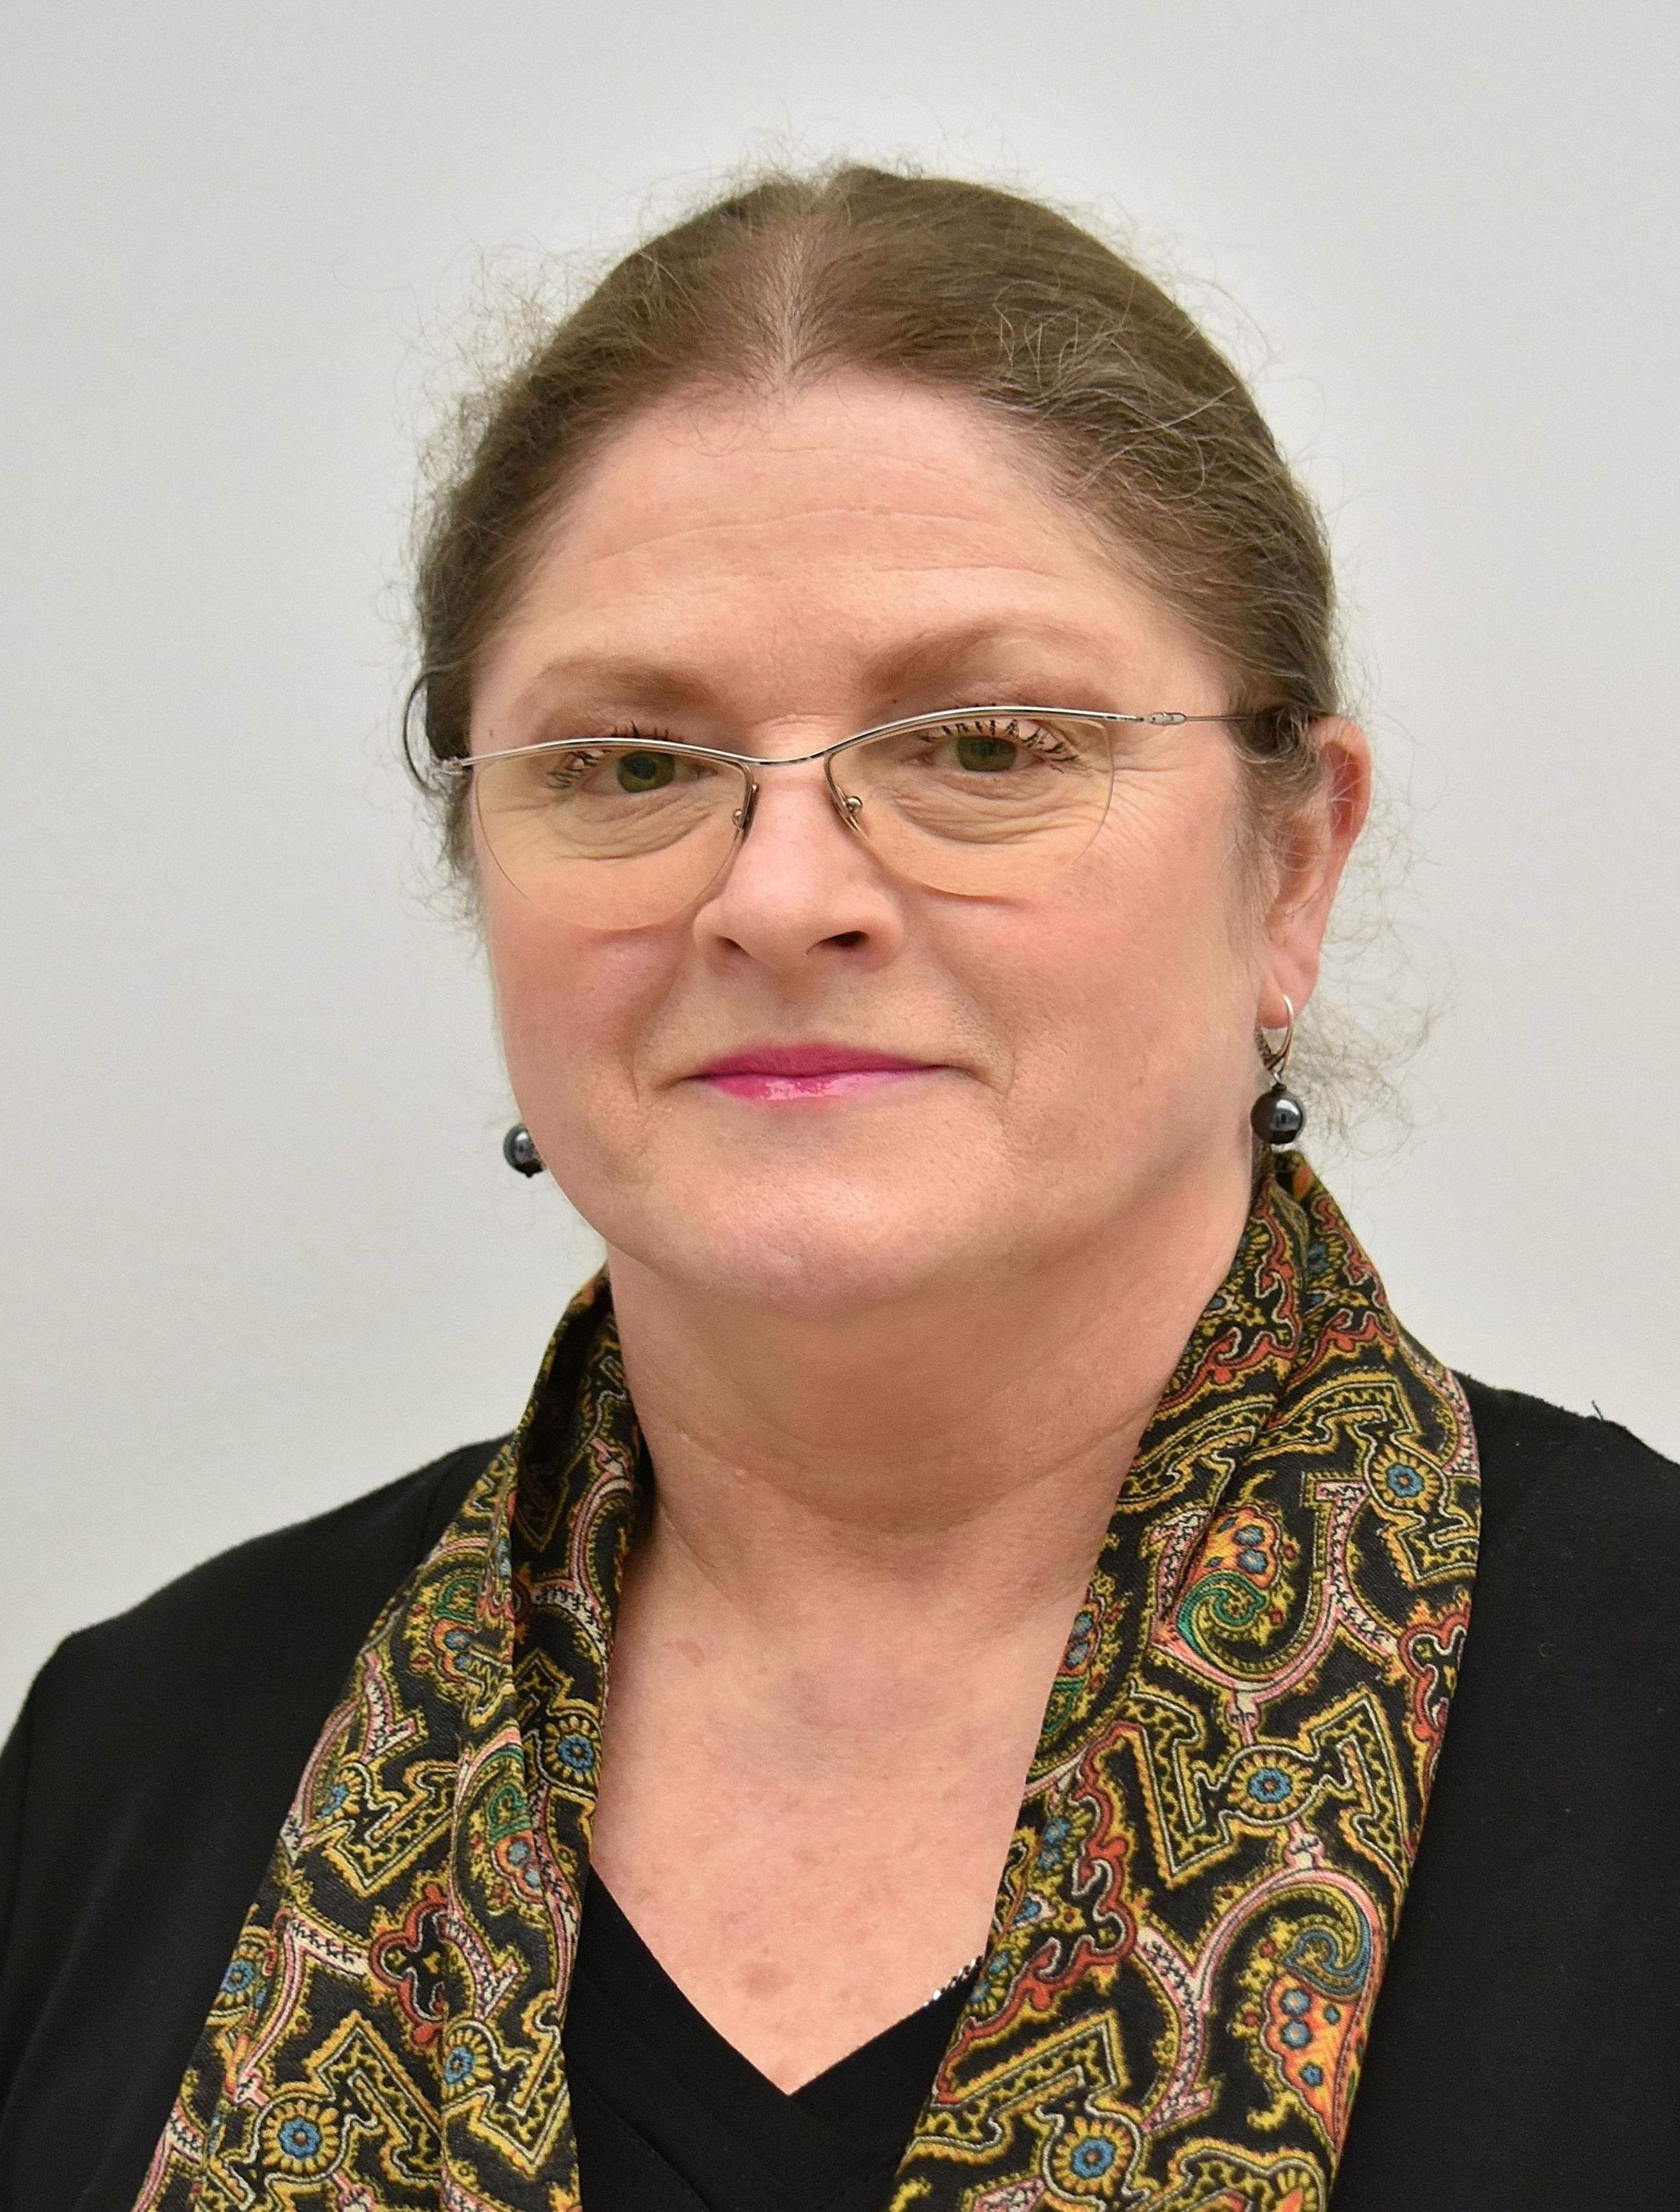 Krystyna_Paw%C5%82owicz_Sejm_2016.JPG